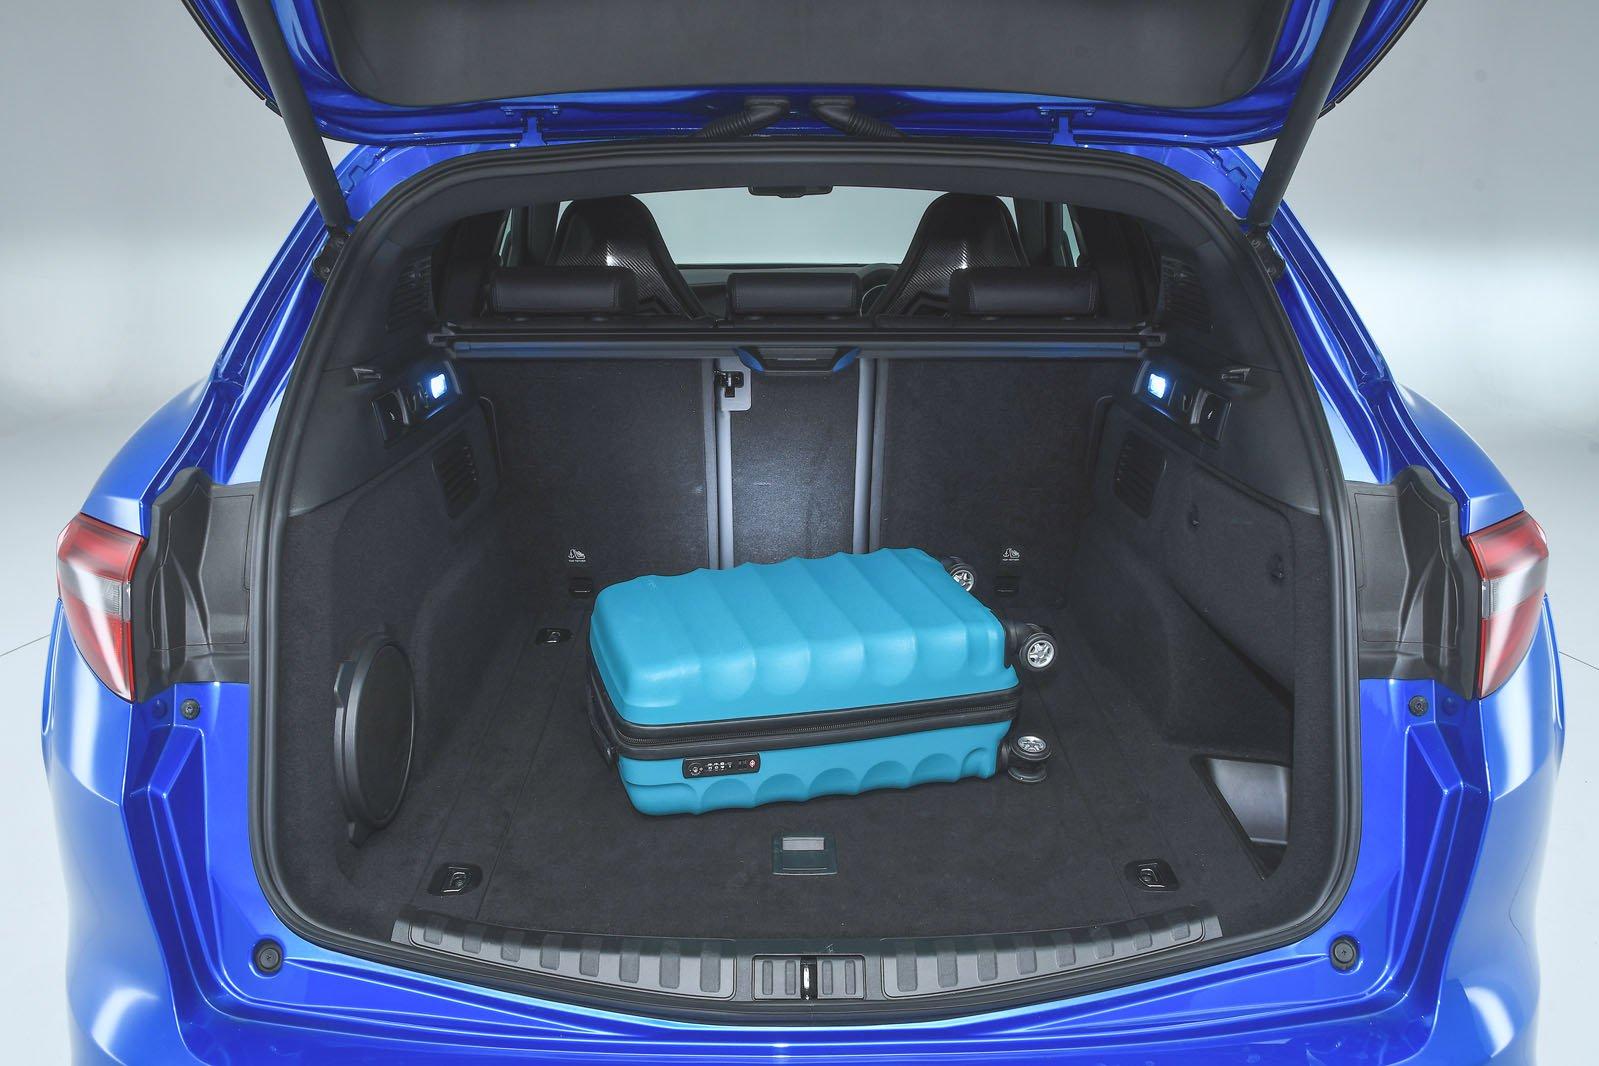 Alfa Romeo Stelvio boot